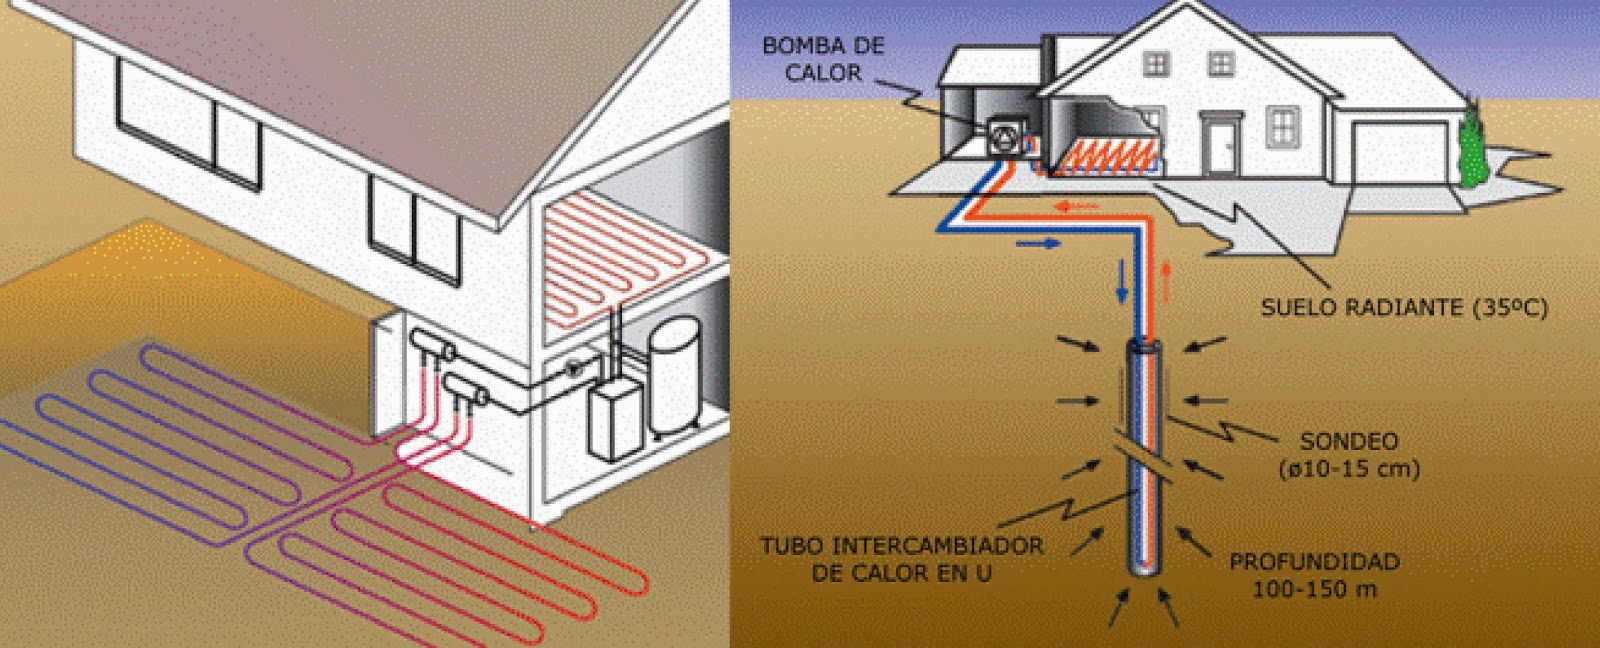 La energ a geot rmica de muy baja temperatura o somera arquitecnide - Bomba de frio para suelo radiante ...